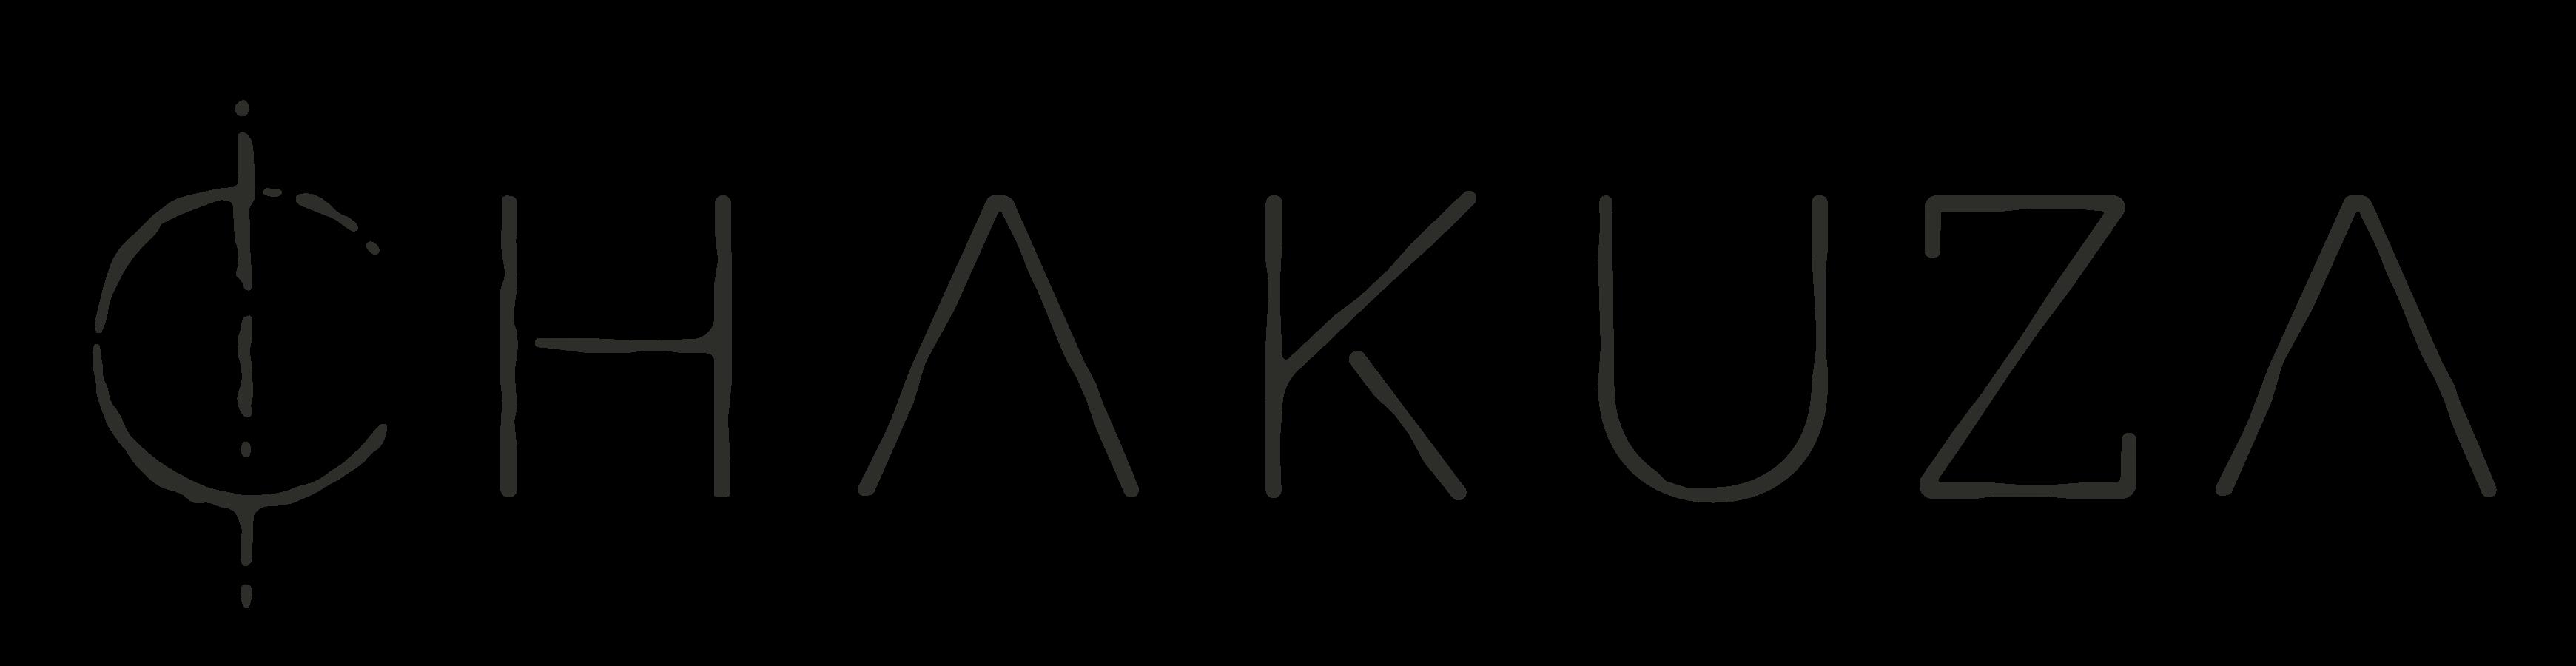 chakuza-store.de - zur Startseite wechseln